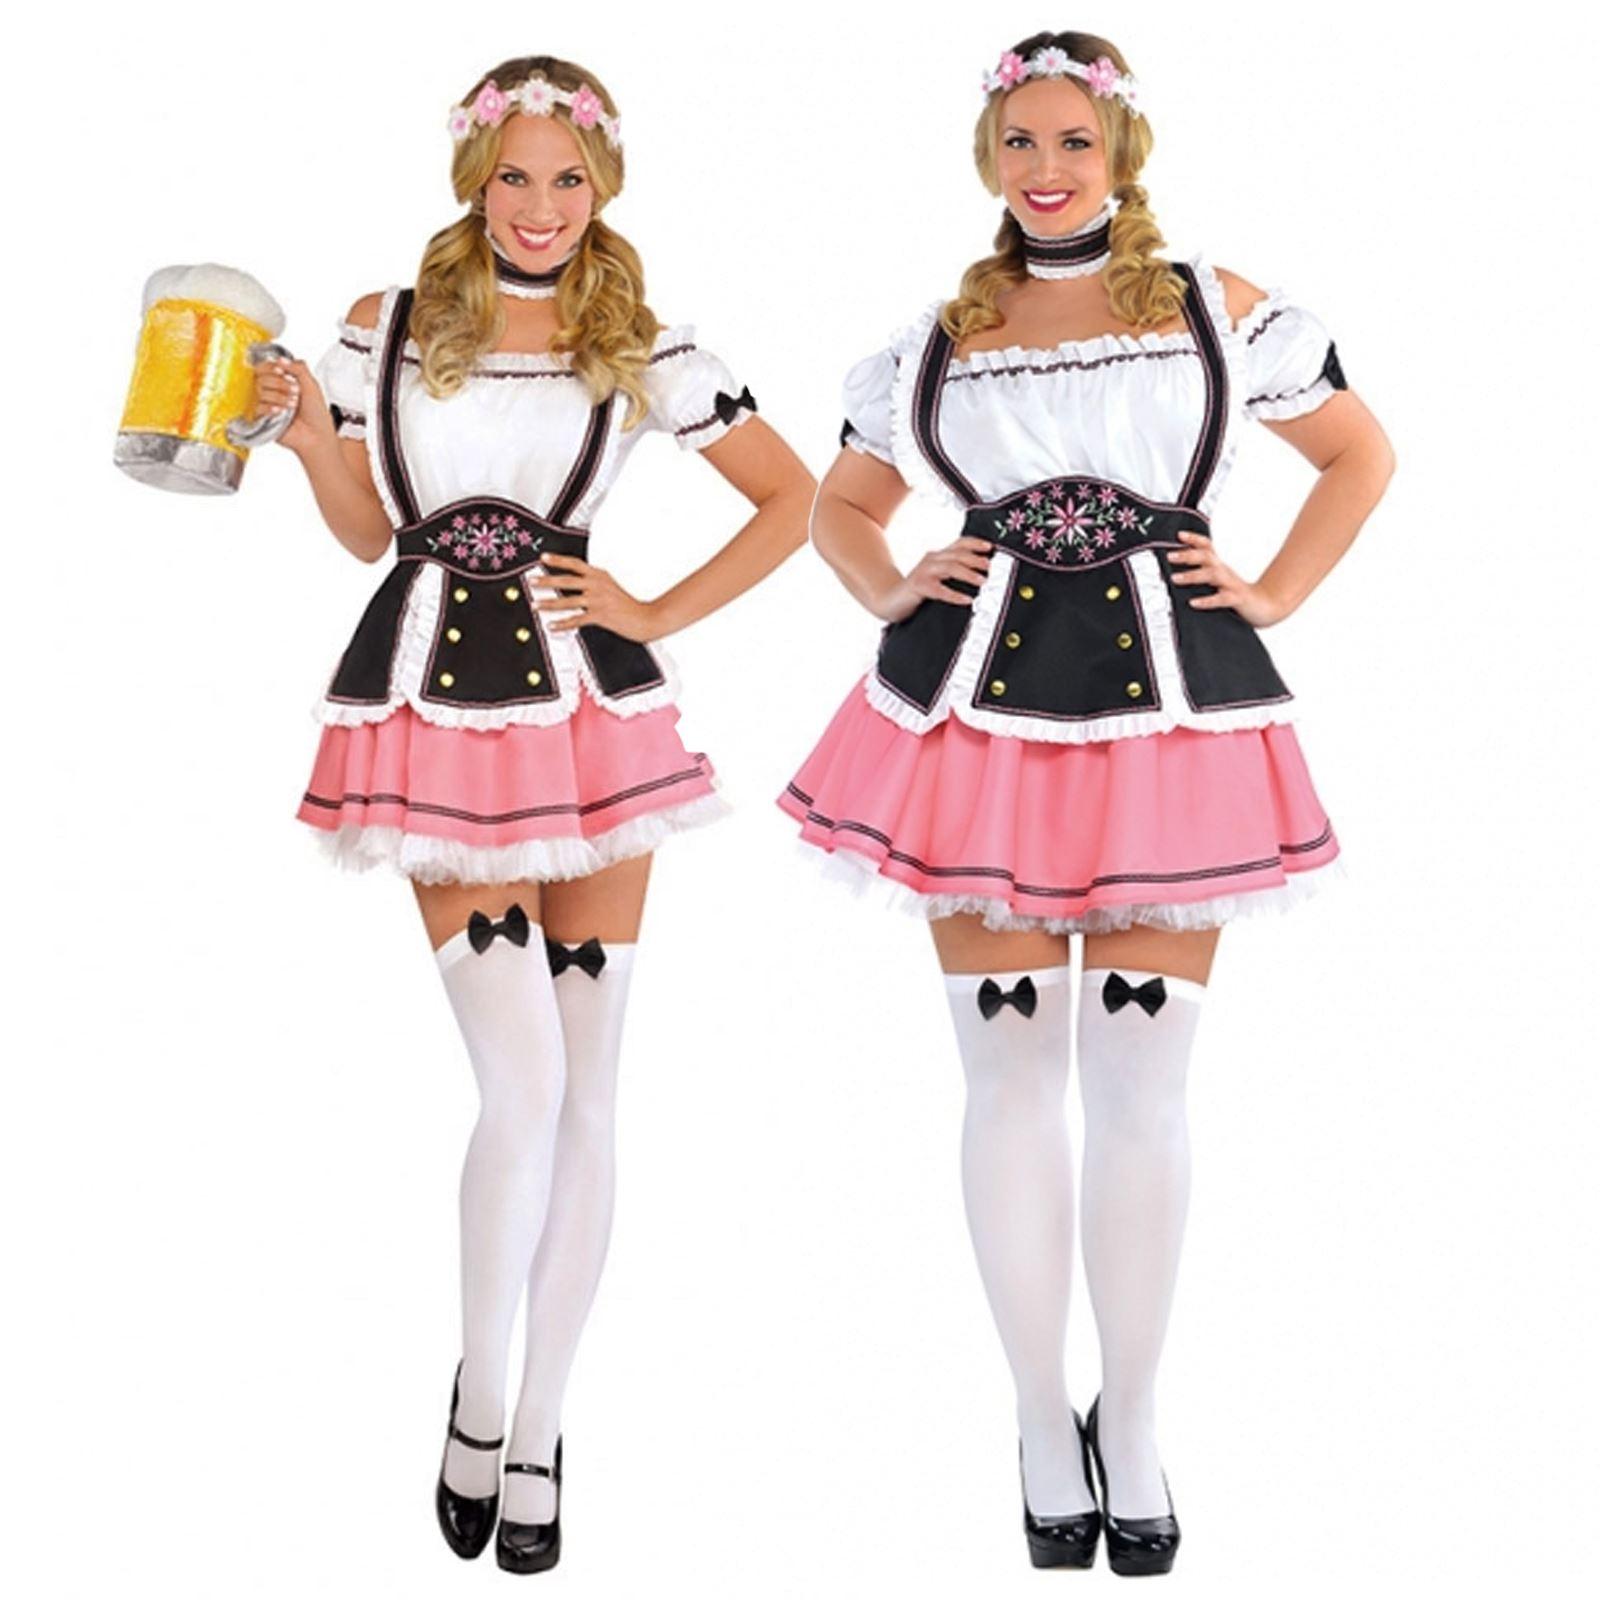 Ladies Womens Oktobermiss Oktoberfest Bavarian Beer Festival Fancy Dress Costume  sc 1 st  eBay & Ladies Womens Oktobermiss Oktoberfest Bavarian Beer Festival Fancy ...